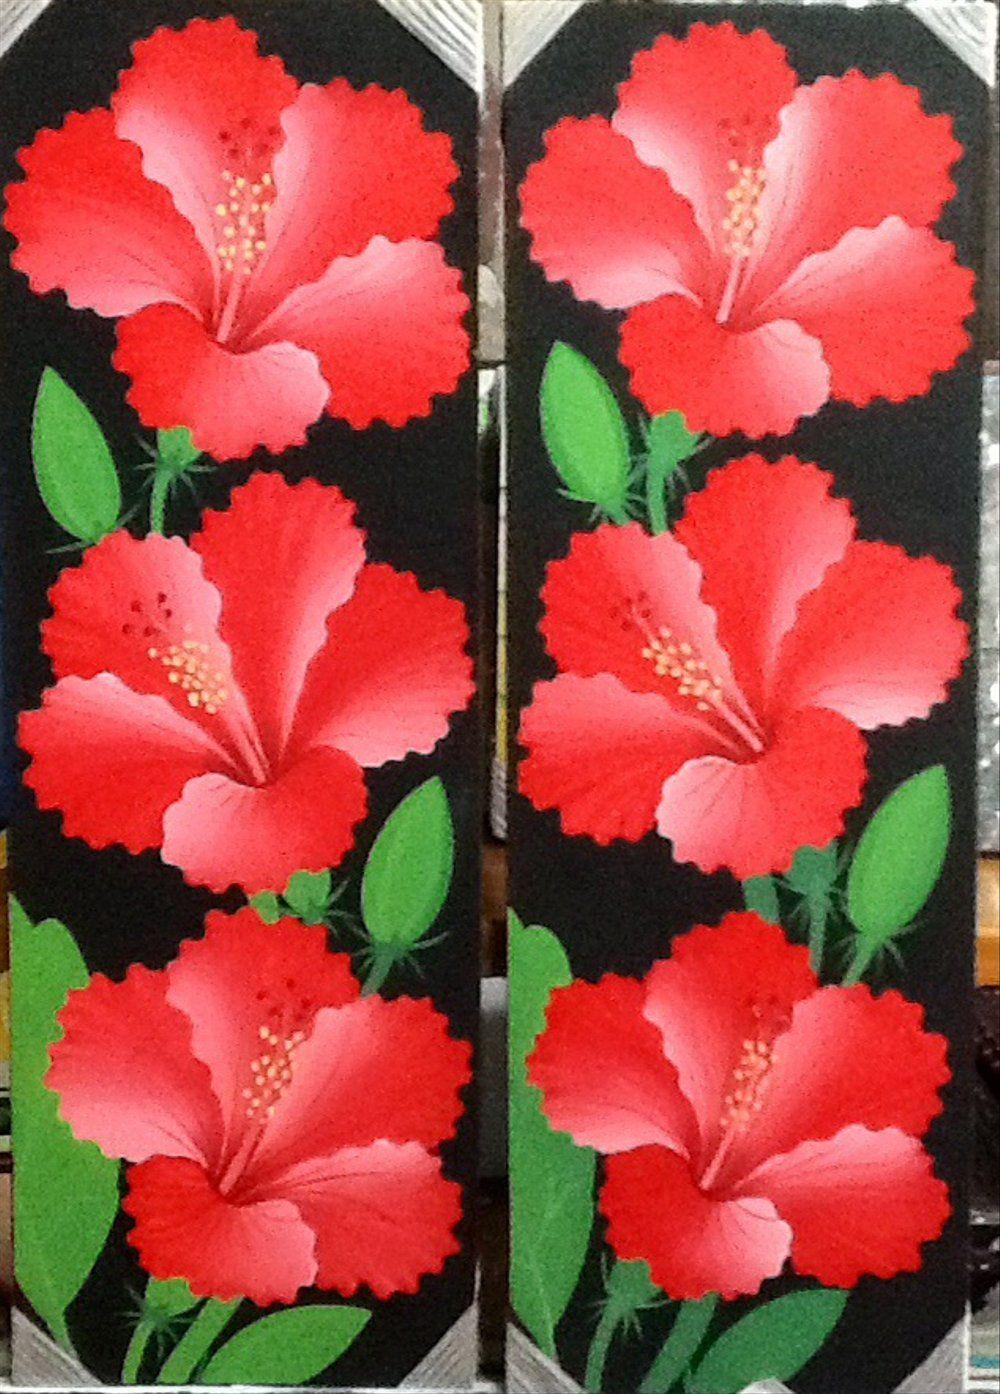 Gambar Bunga Sepatu Yang Lukisan Bunga Kembang Sepatu Simbol Kelimpahan Royalti Set Of 2 A Batik Bunga Sepatu 14 Manfaat Gambar Bunga Bunga Kembang Sepatu